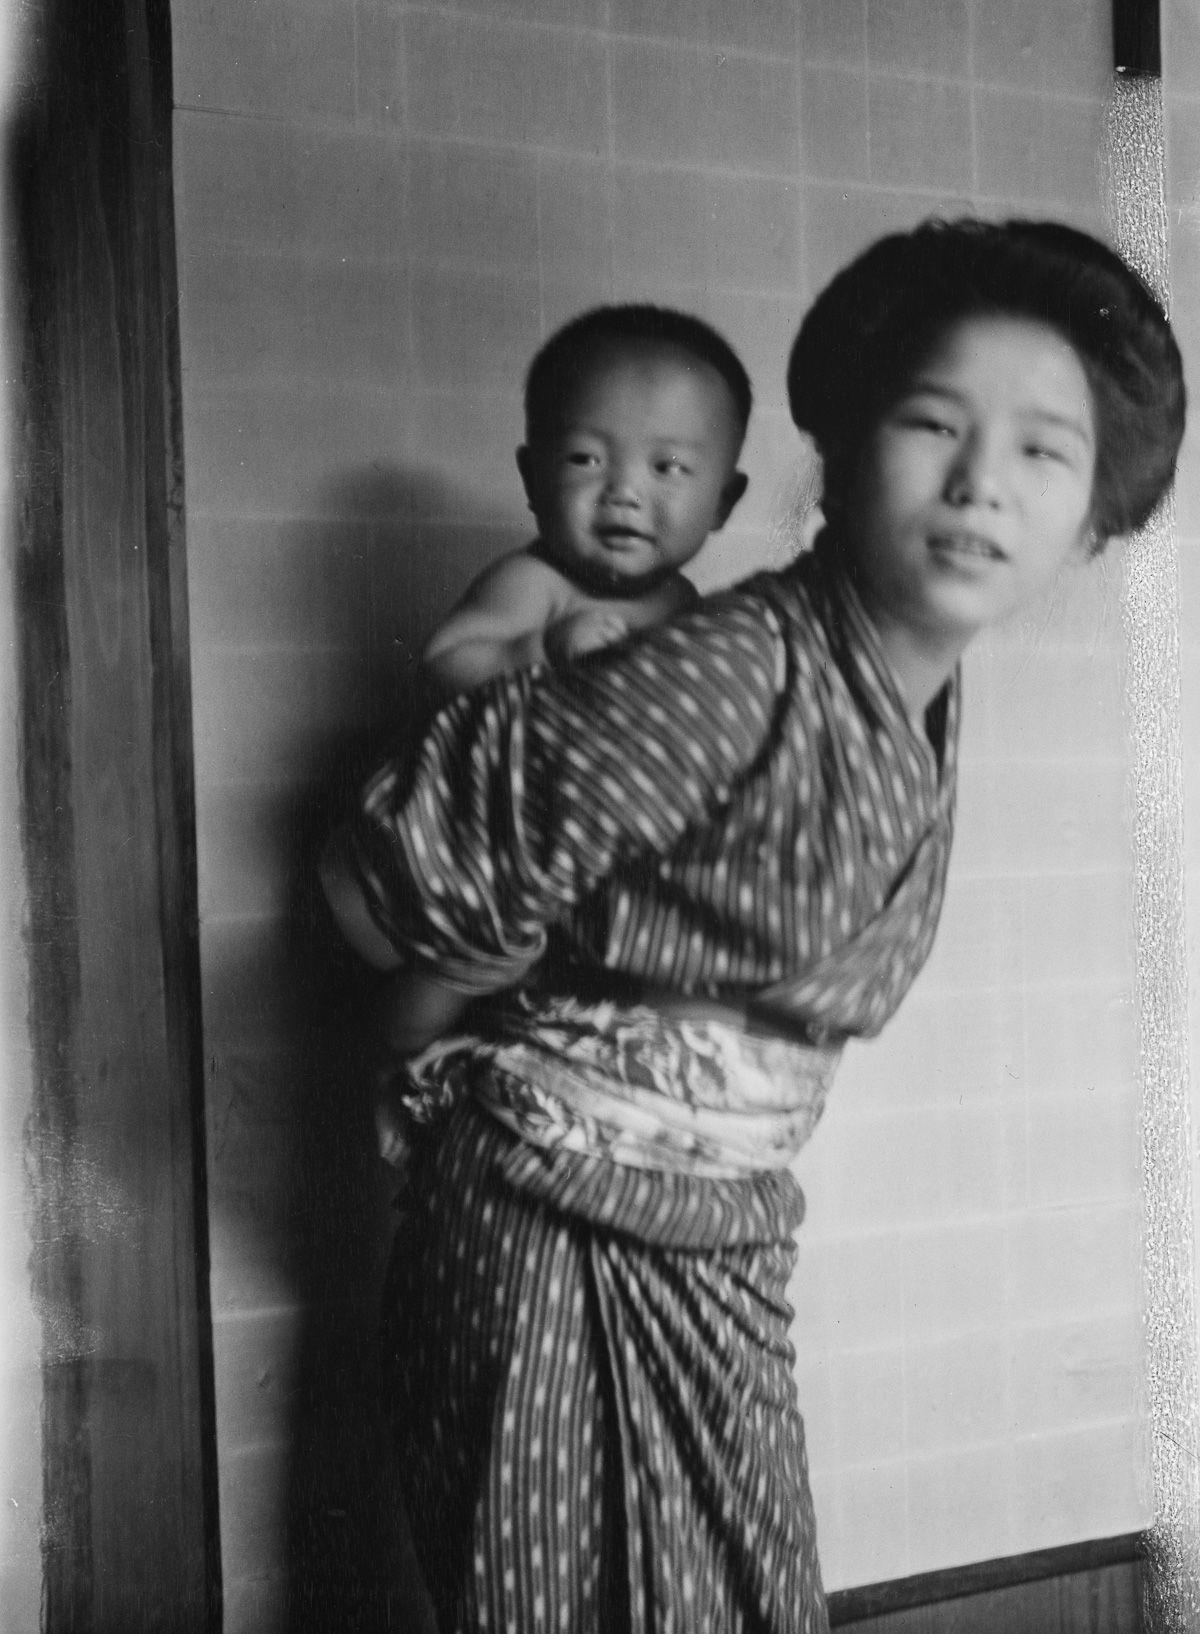 Yaponiya istoricheskie foto Arnold Dzhente 25